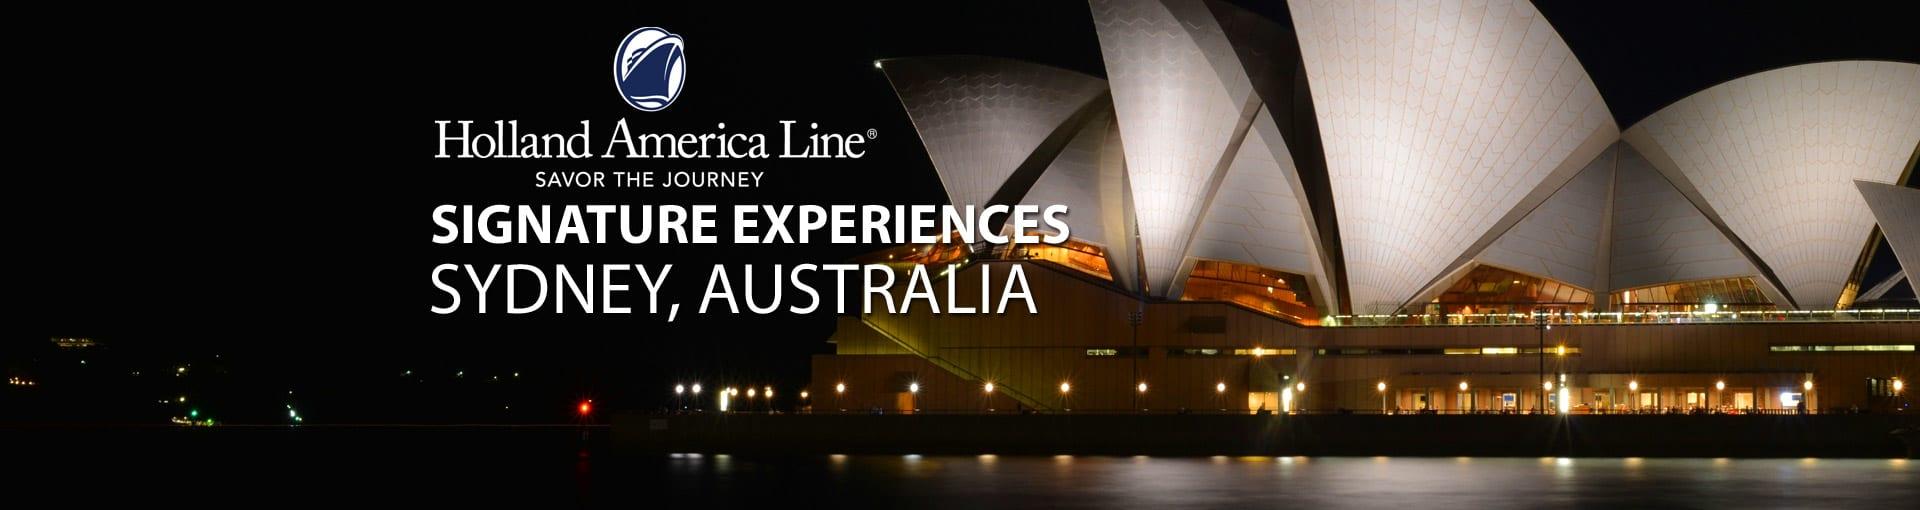 Holland America Signature Experiences - Sydney, Australia